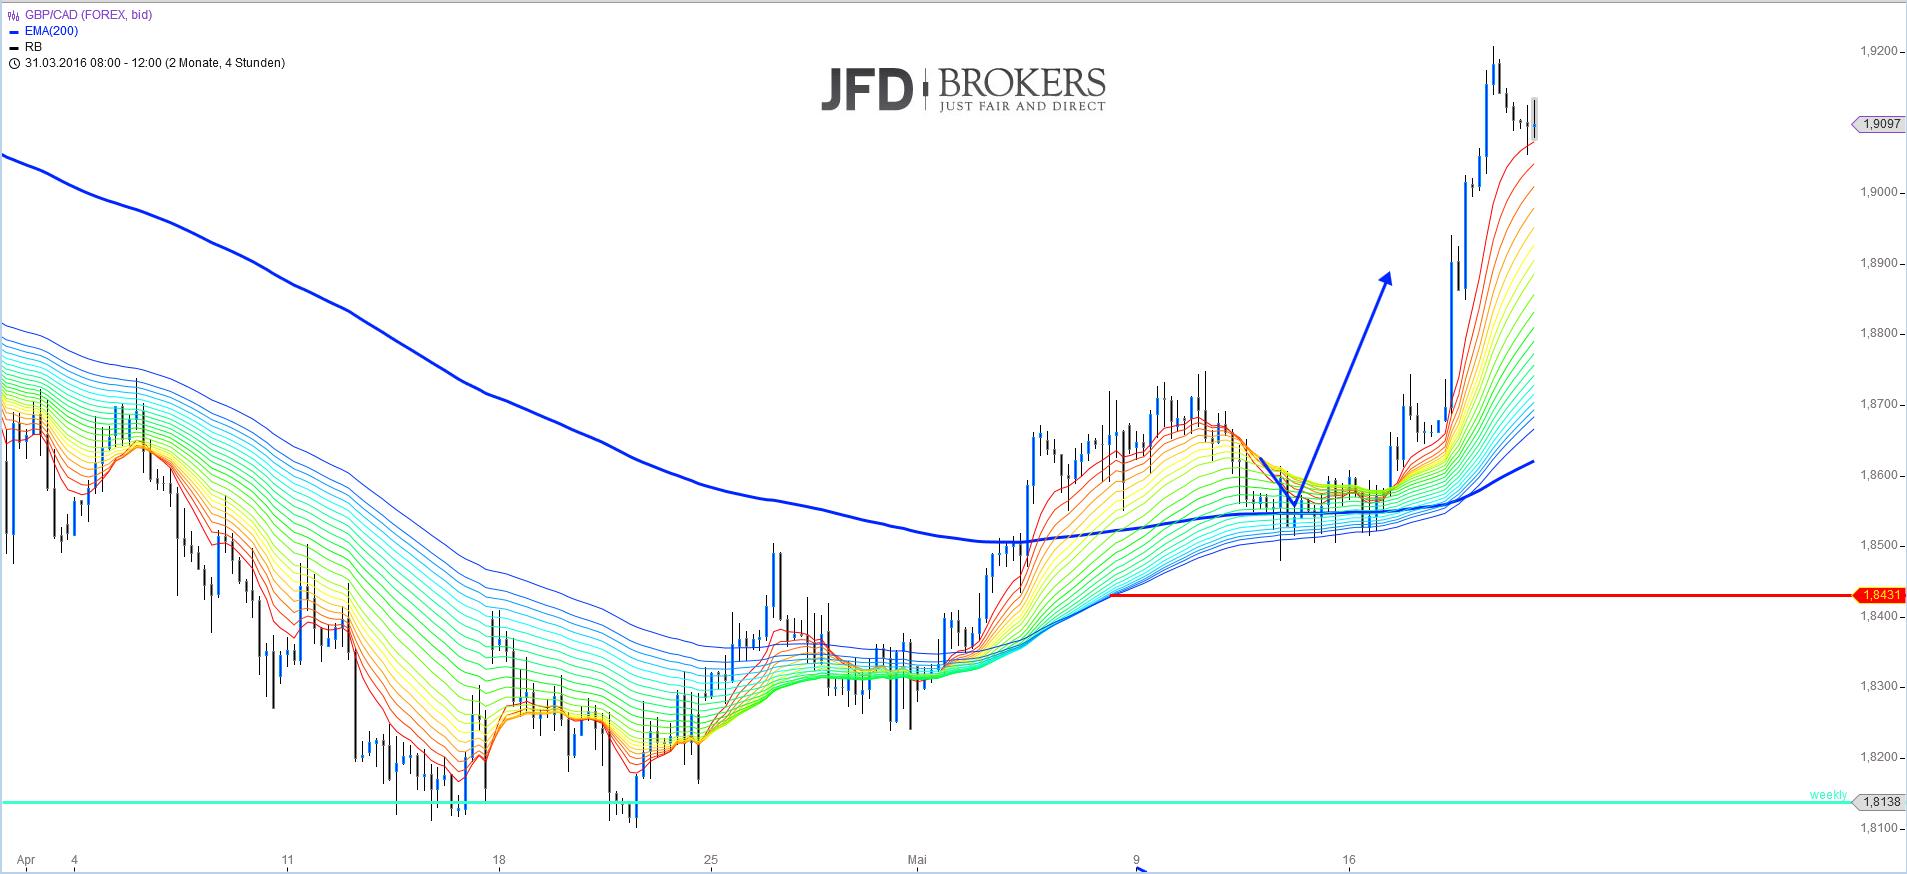 Das-zweite-Monster-wurde-in-dieser-Woche-erlegt-Kommentar-JFD-Brokers-GodmodeTrader.de-3